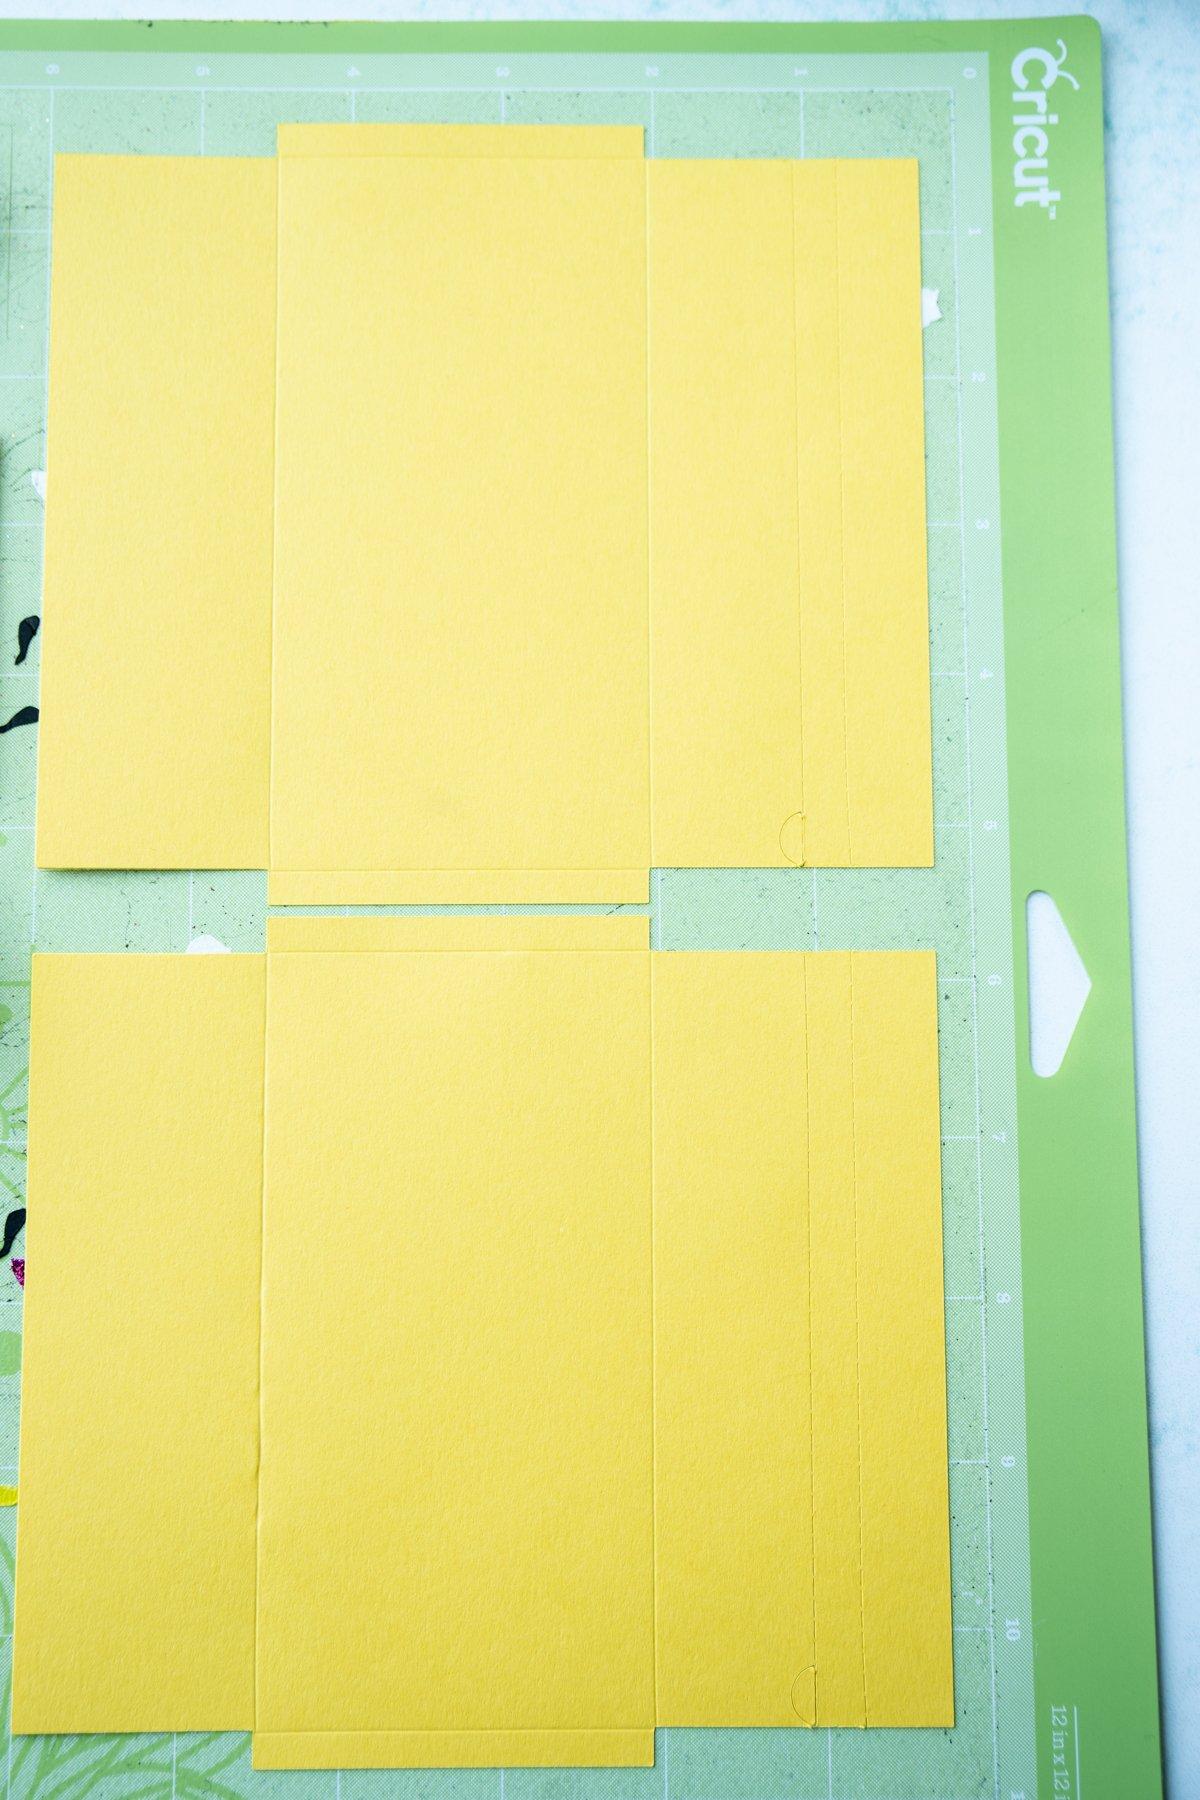 Flat yellow envelopes on a Cricut mat